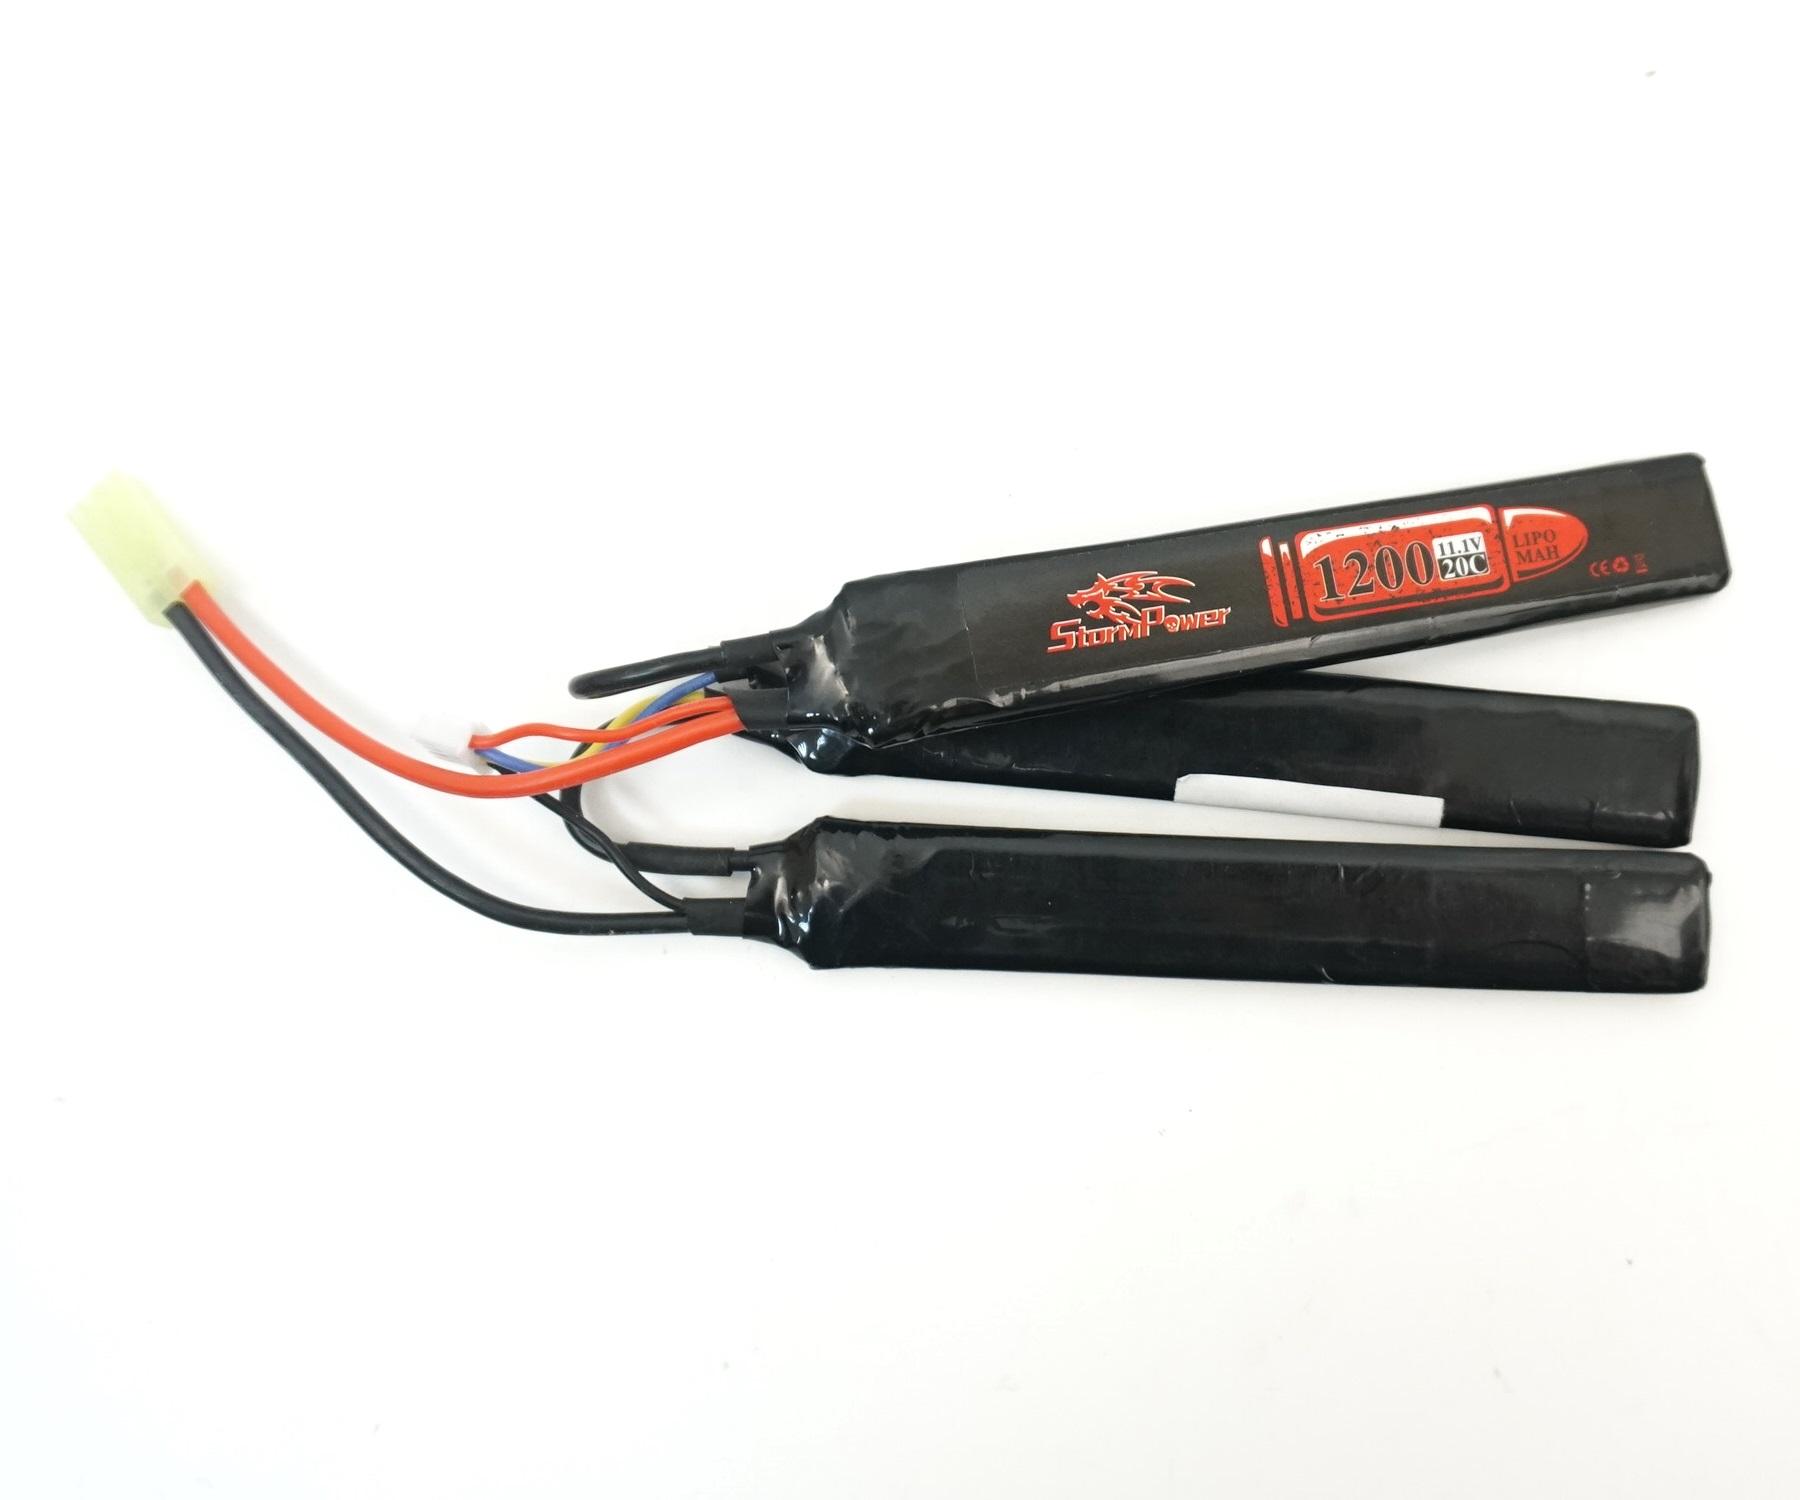 Аккумулятор Storm Power Li-Po 11.1V 1200mah 20C, 3 x (126x20x6) мм (SP-016)